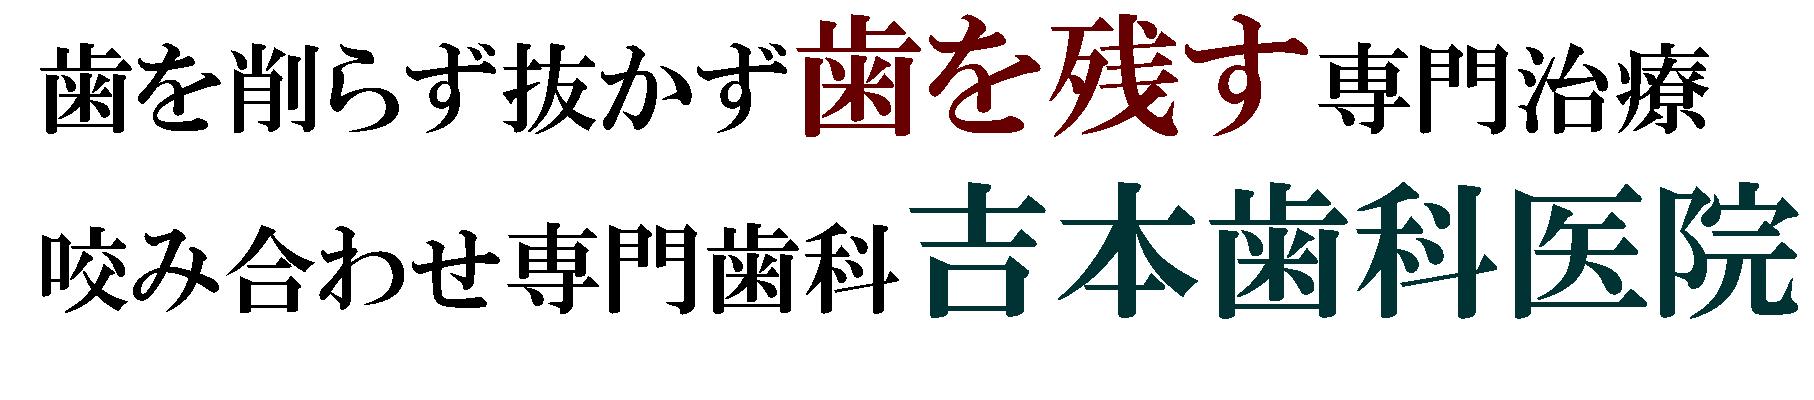 歯を抜きたくない方のための専門歯科|香川県の吉本歯科医院 愛媛県,新居浜市, 四国中央市よりお越しになられています。